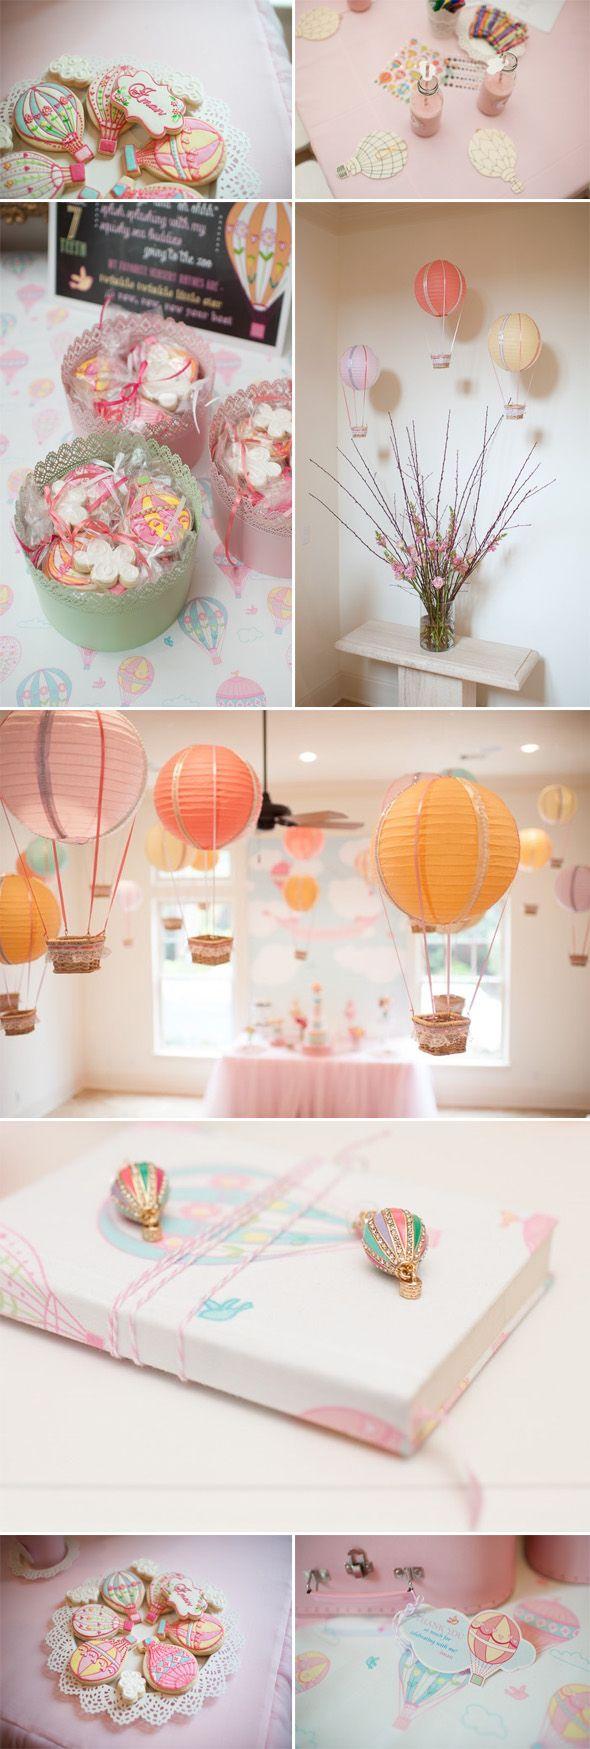 Hot air balloon party! Festa infantil tema: Balão | Les Divas